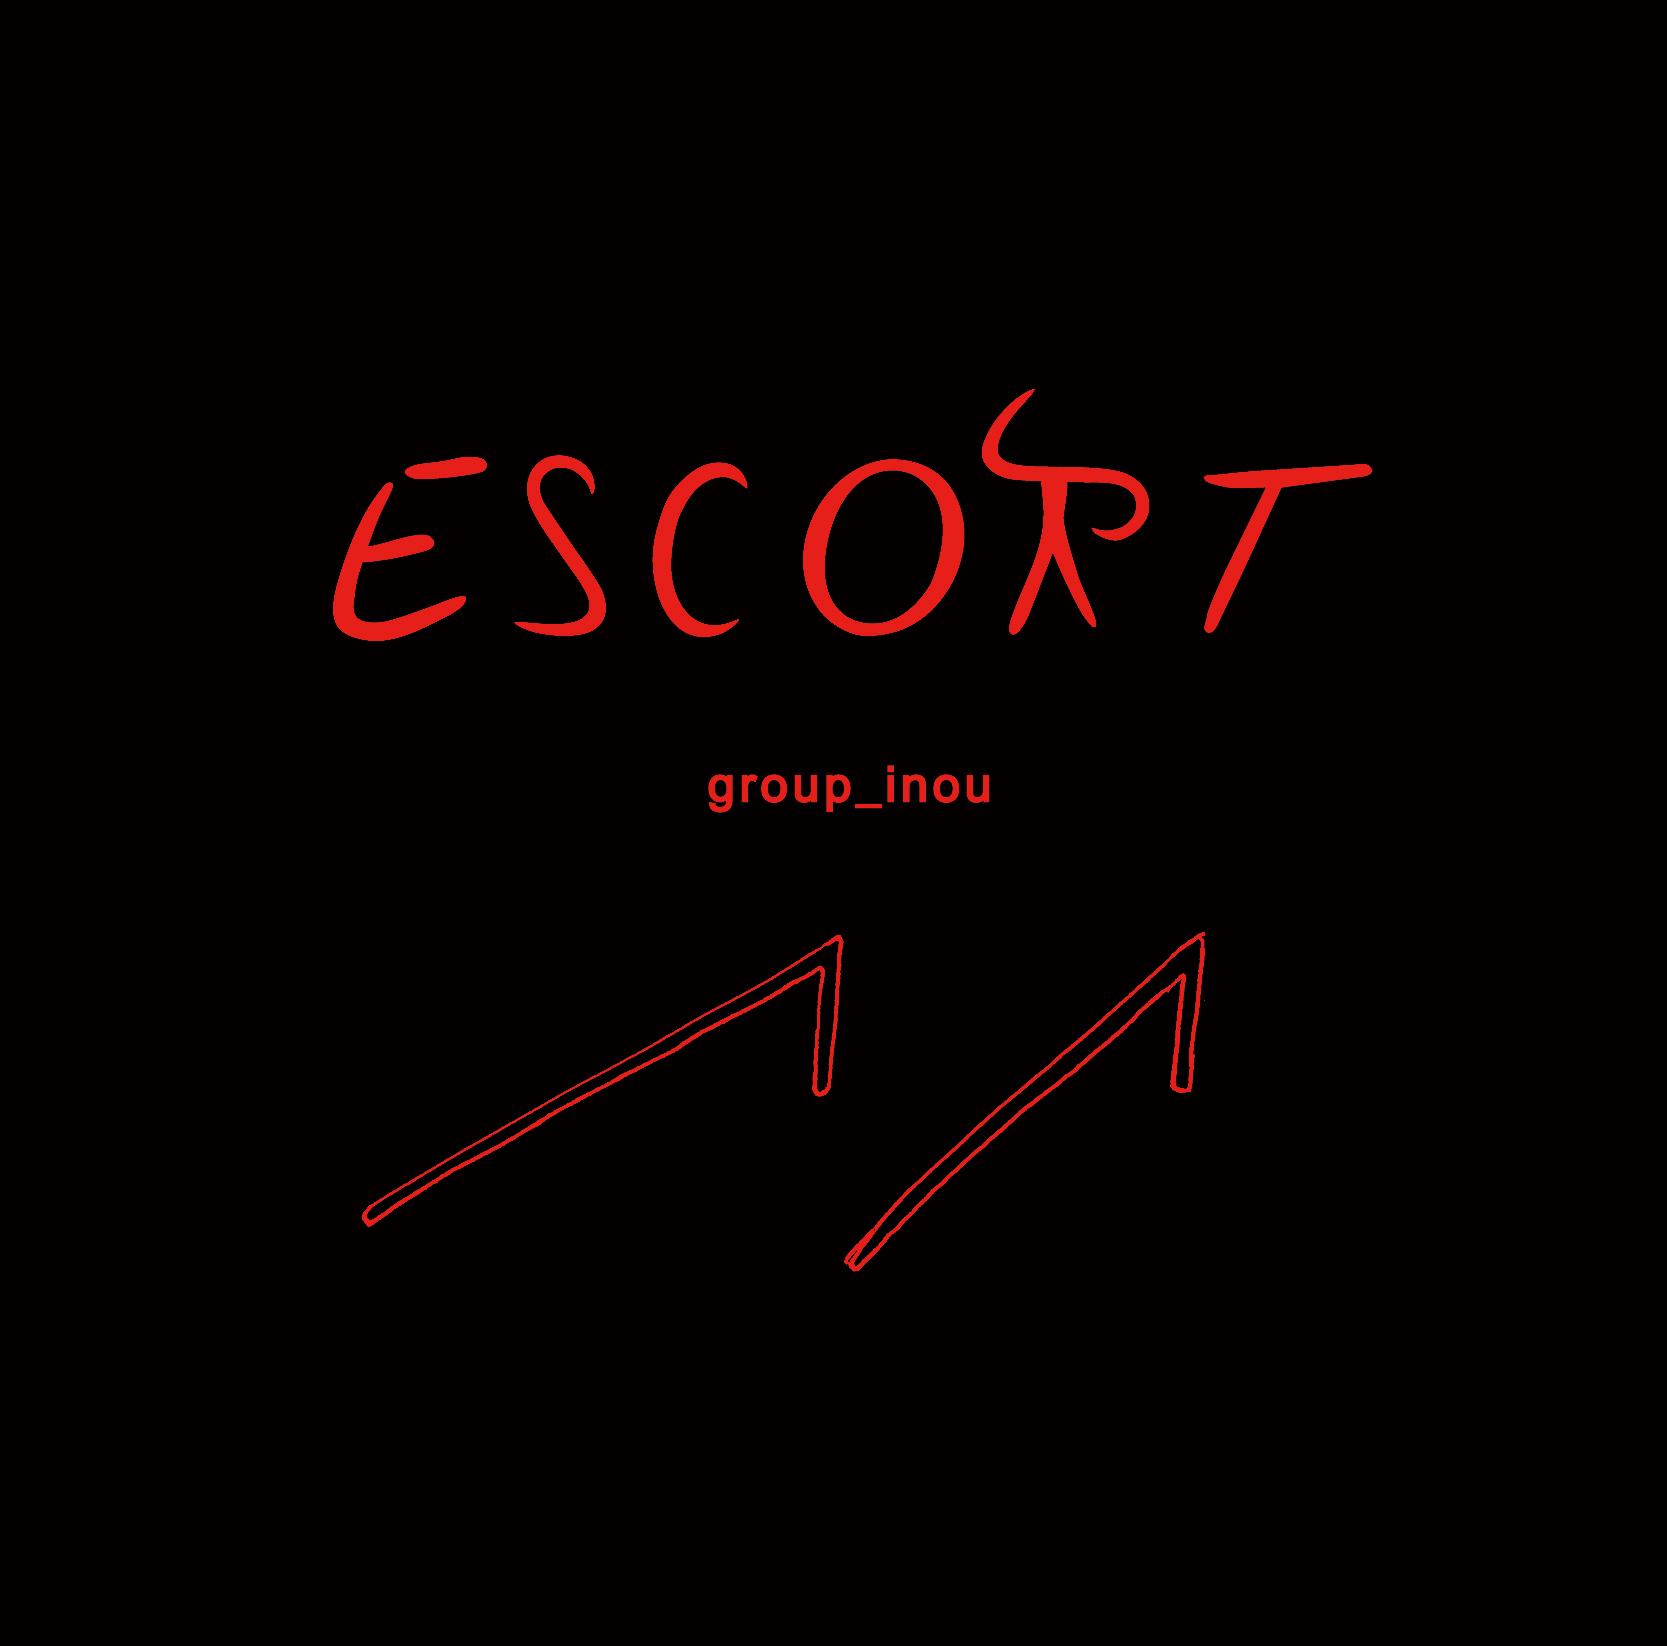 ESCORT.jpg